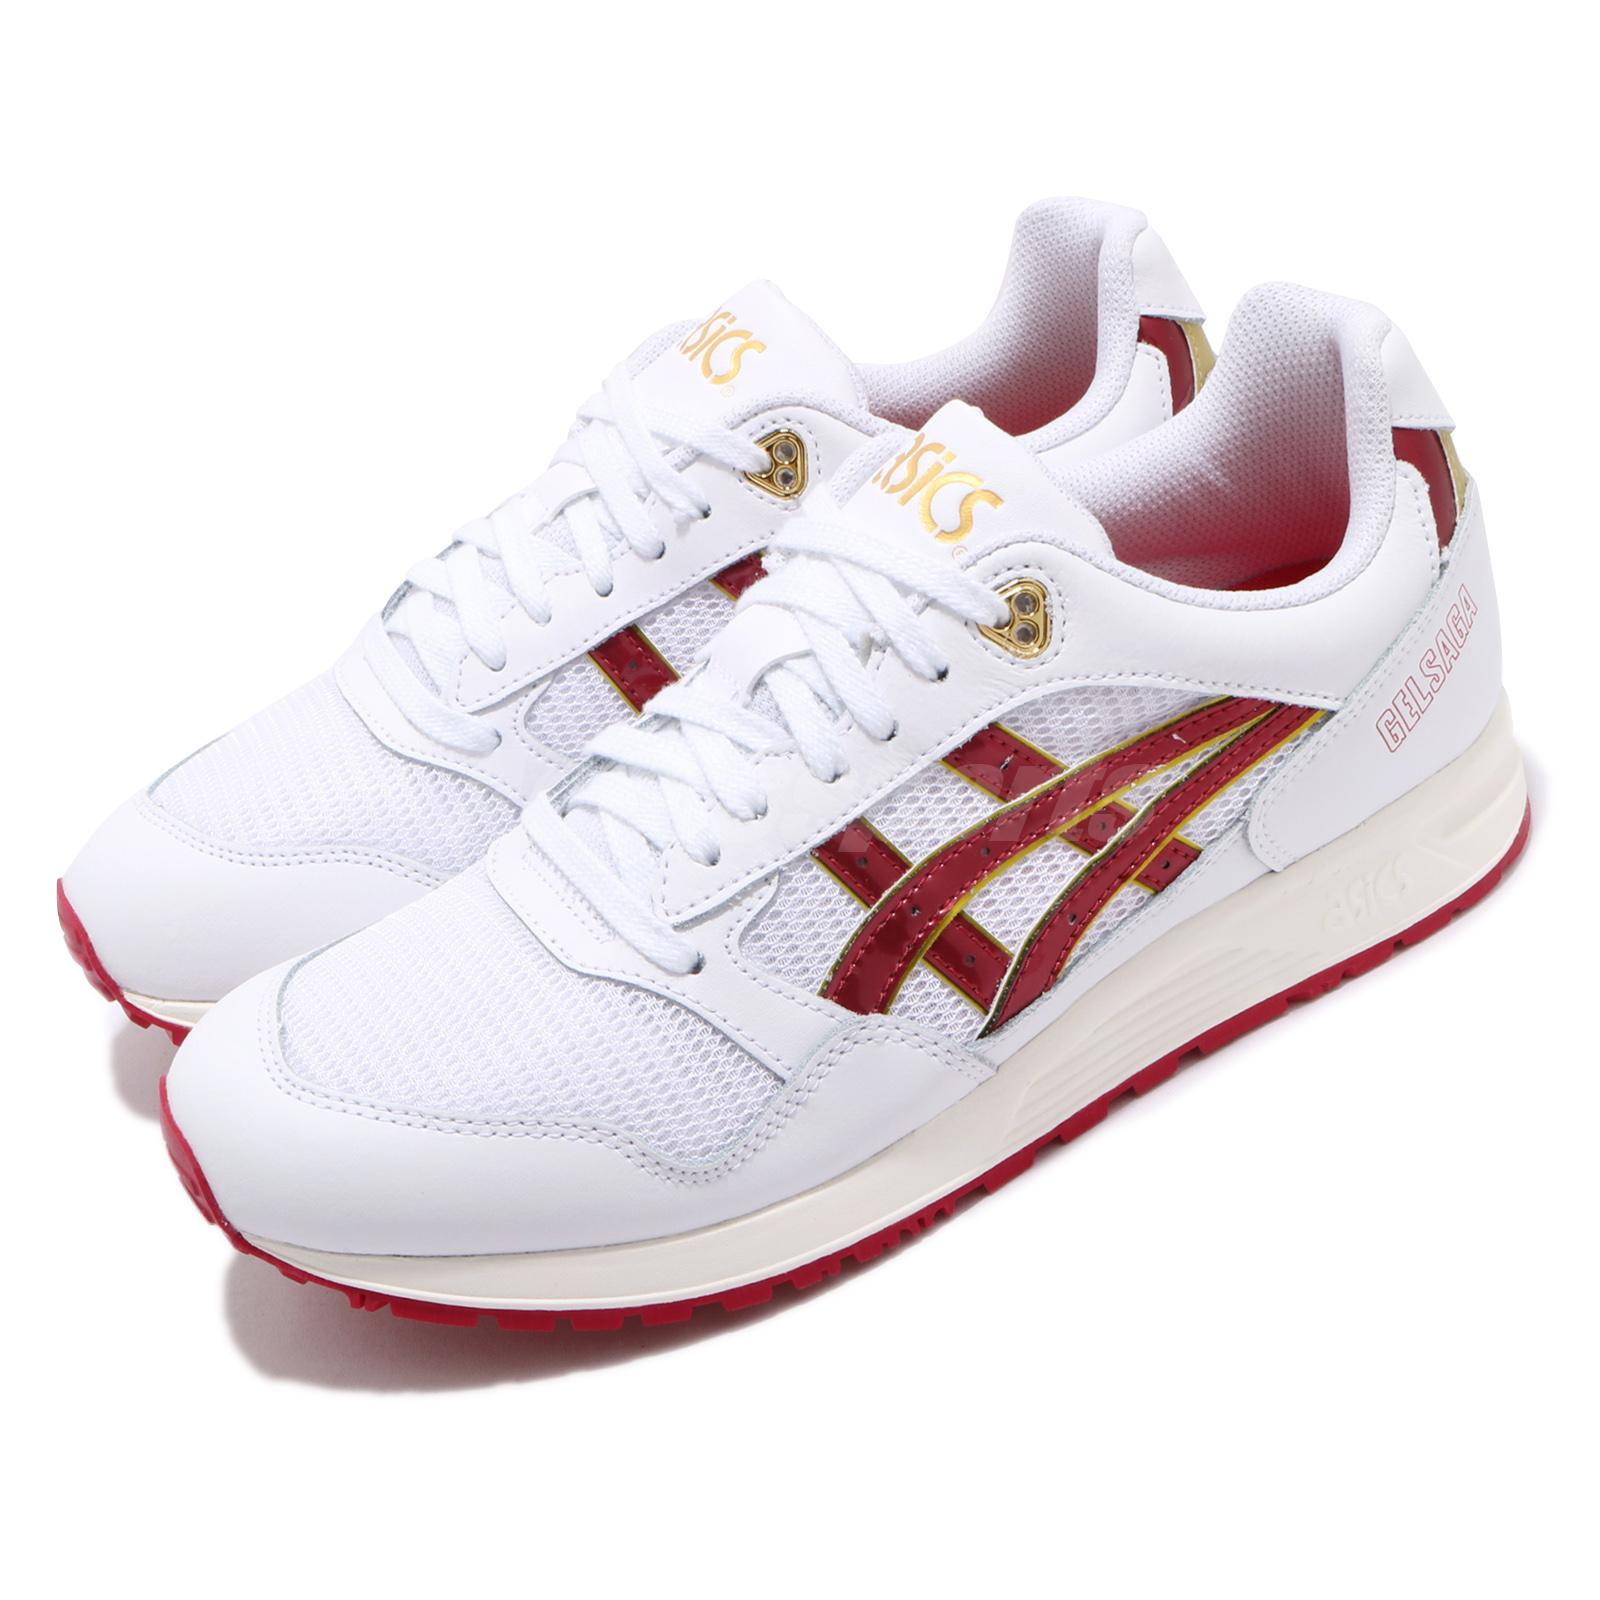 Asics Tiger Gel-SAGA White Speed Red